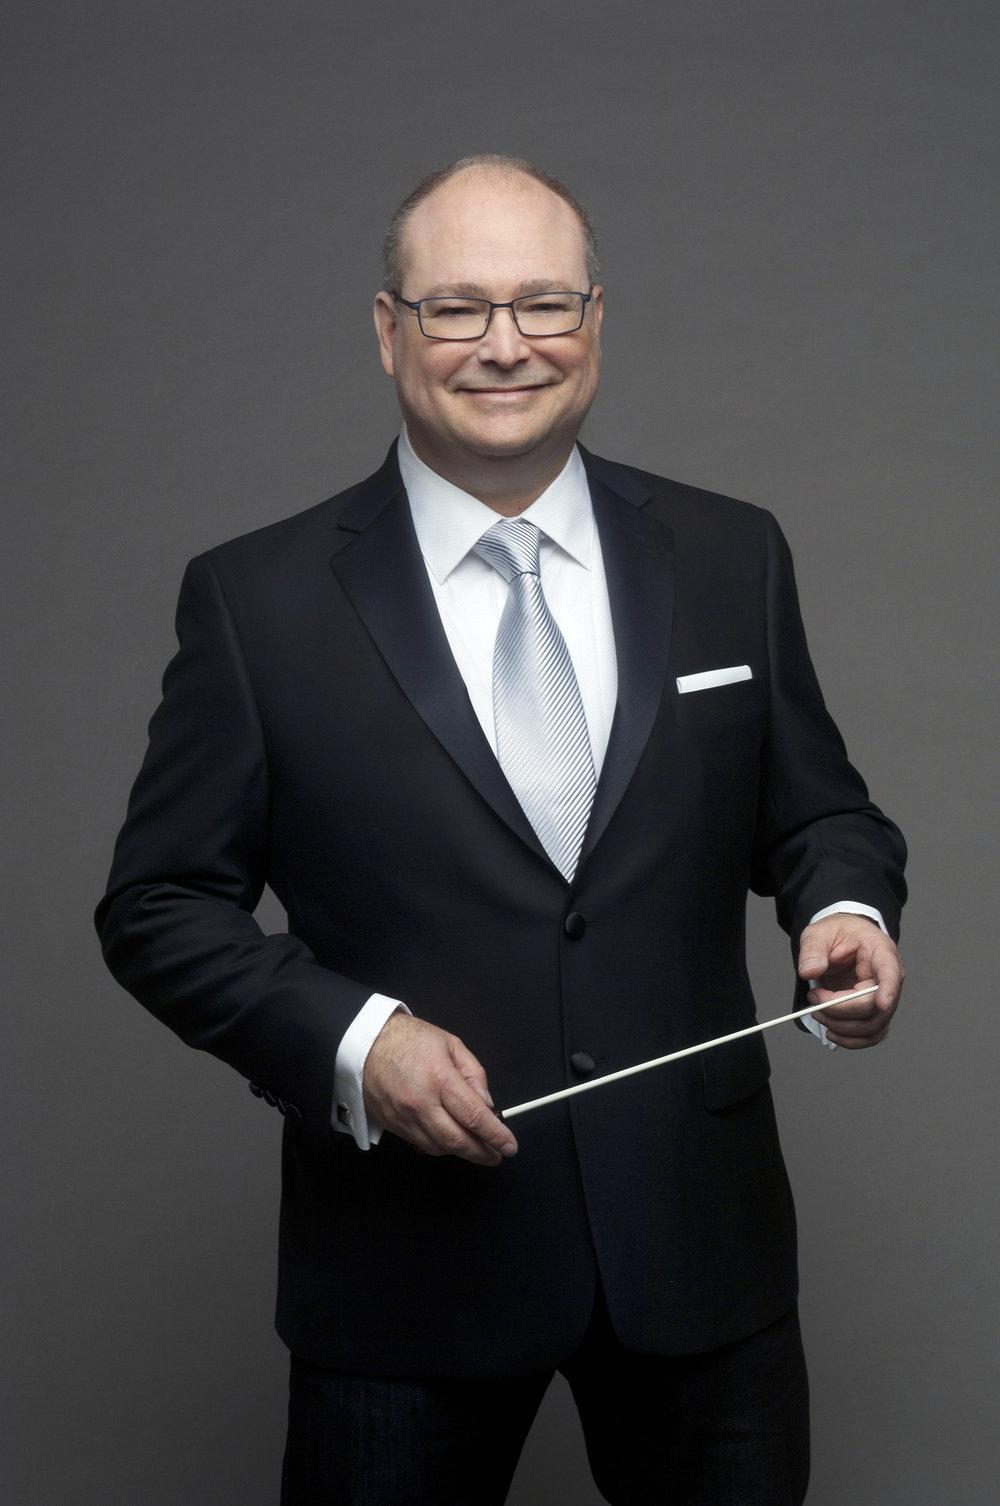 Stuart Chafetz, guest conductor